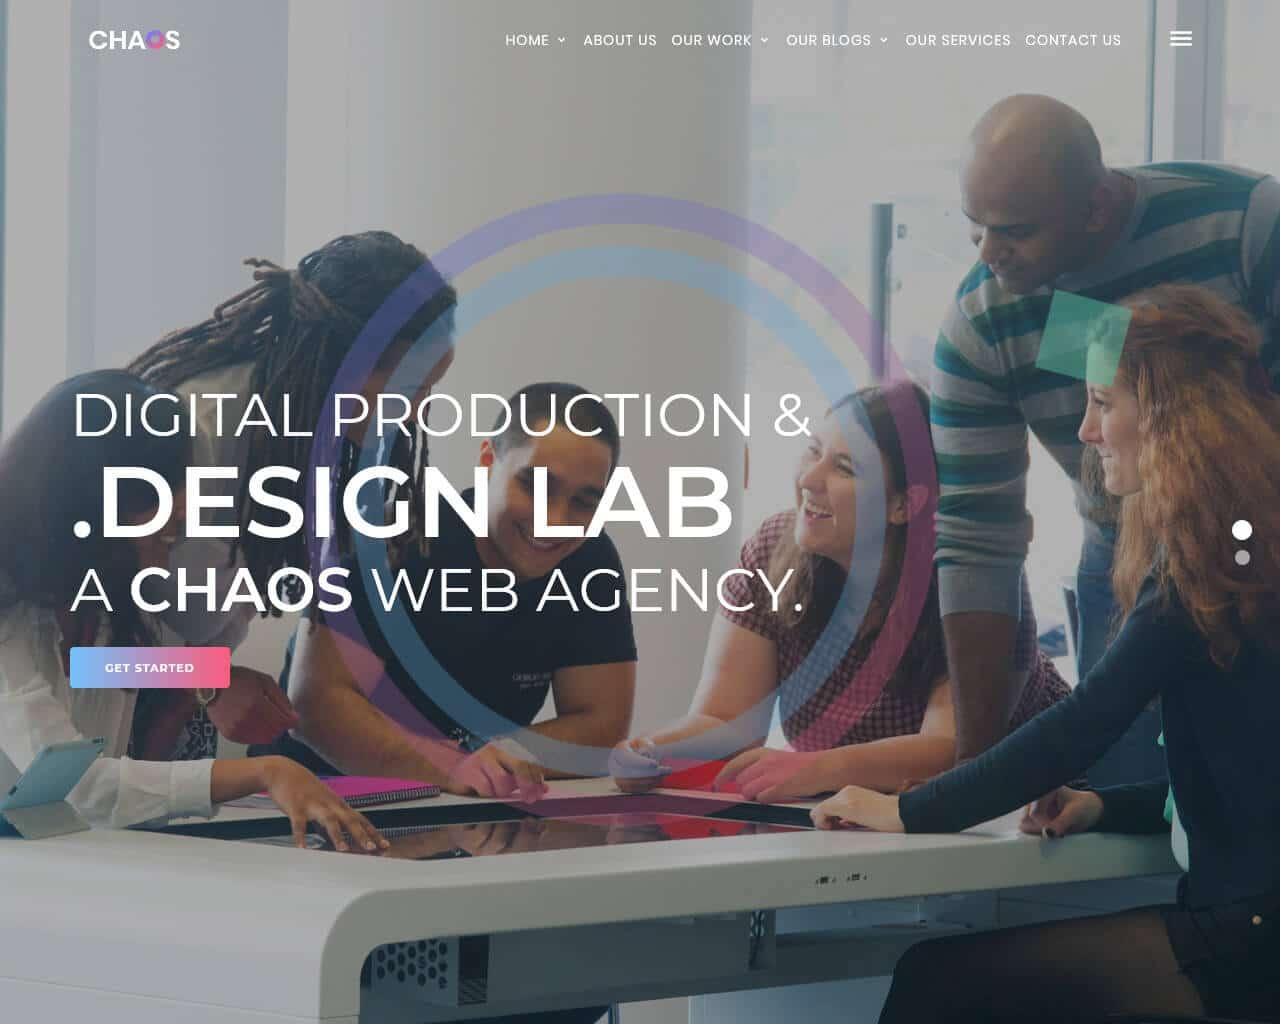 Chaos Website Template